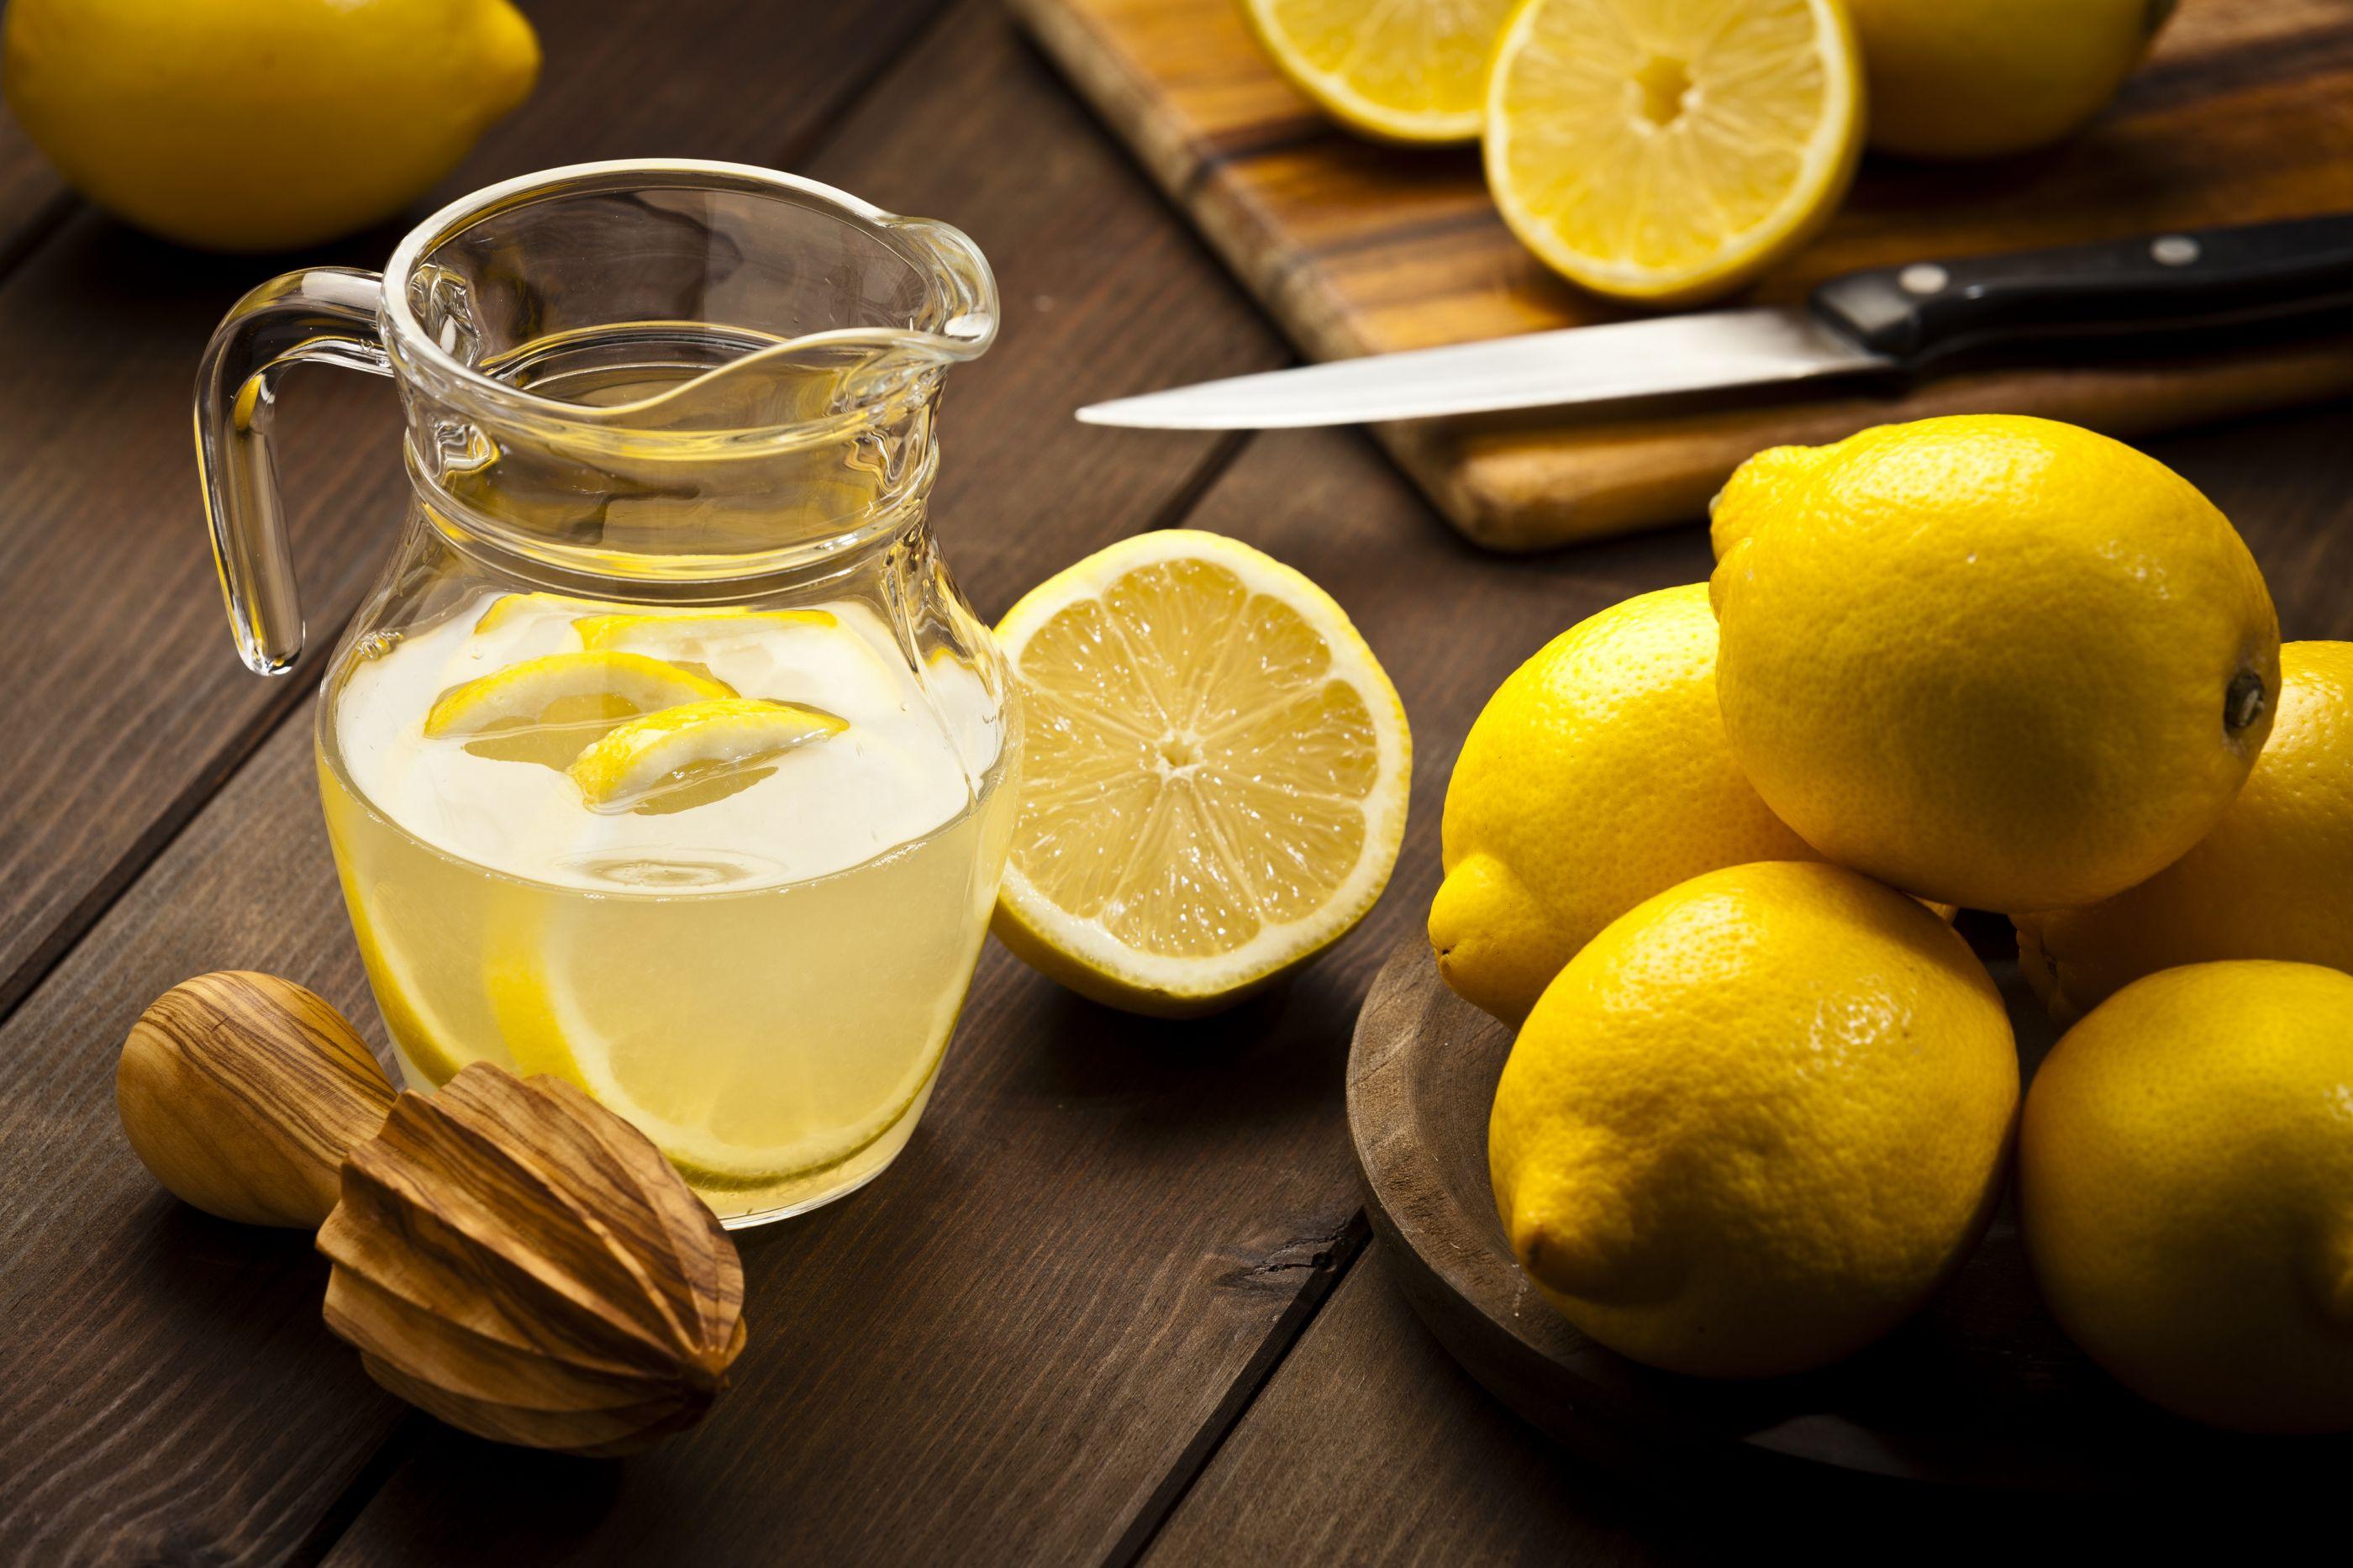 Afinal, quais são os benefícios do limão para a saúde?